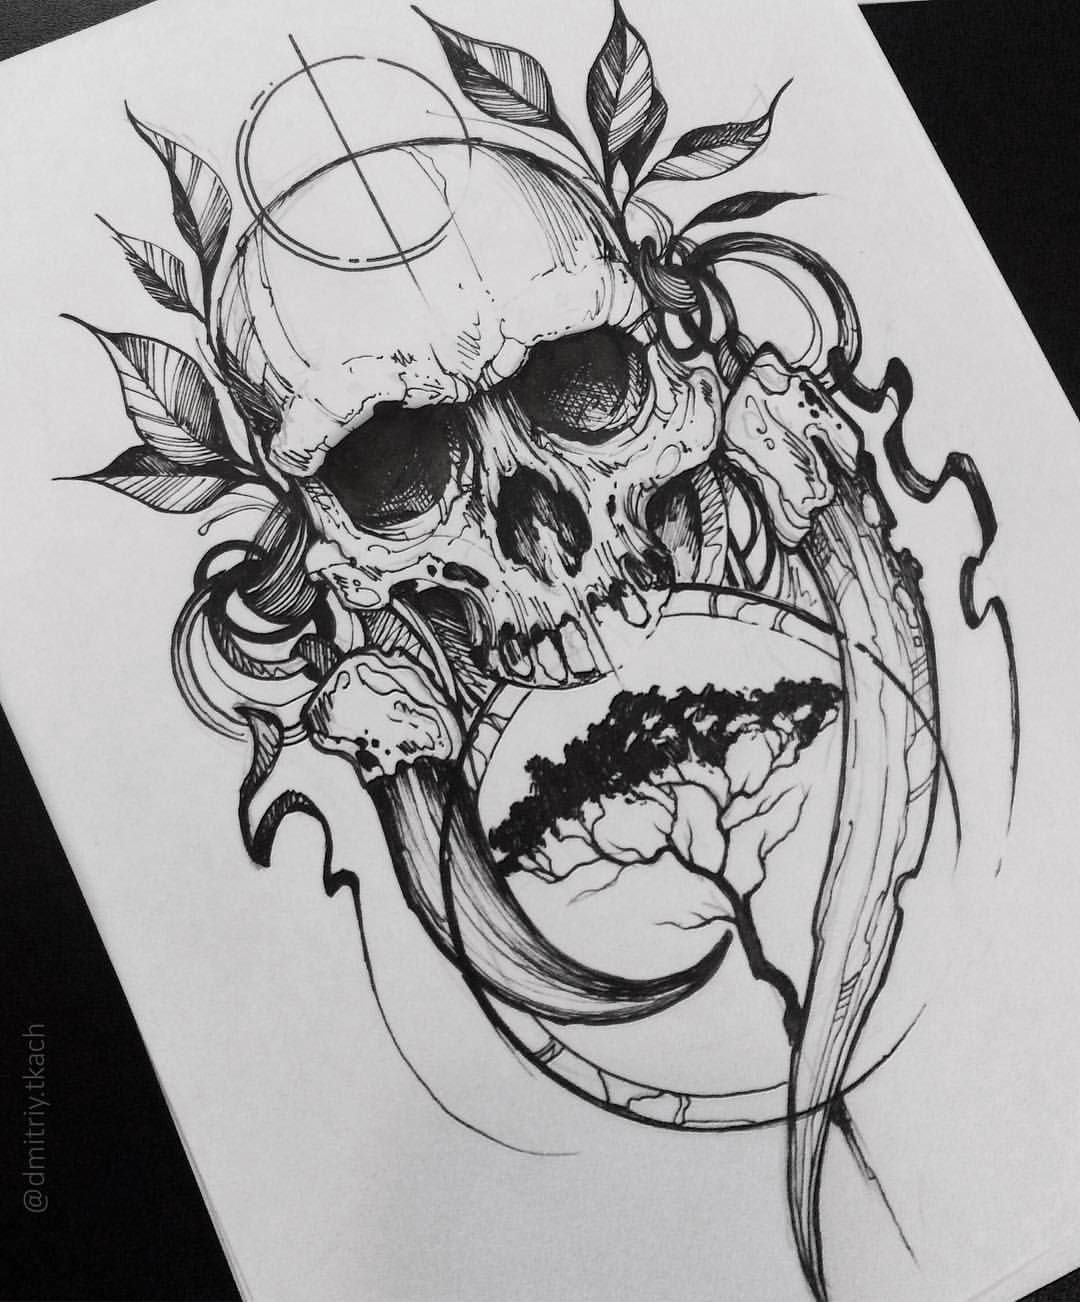 Gefallt mal kommentare dmitriy tkach dmitriyach auf instagram  enew one soon tattoo tattoos tattooed tattooing tattooartist also ideen und bilder zum thema geometrische rh pinterest